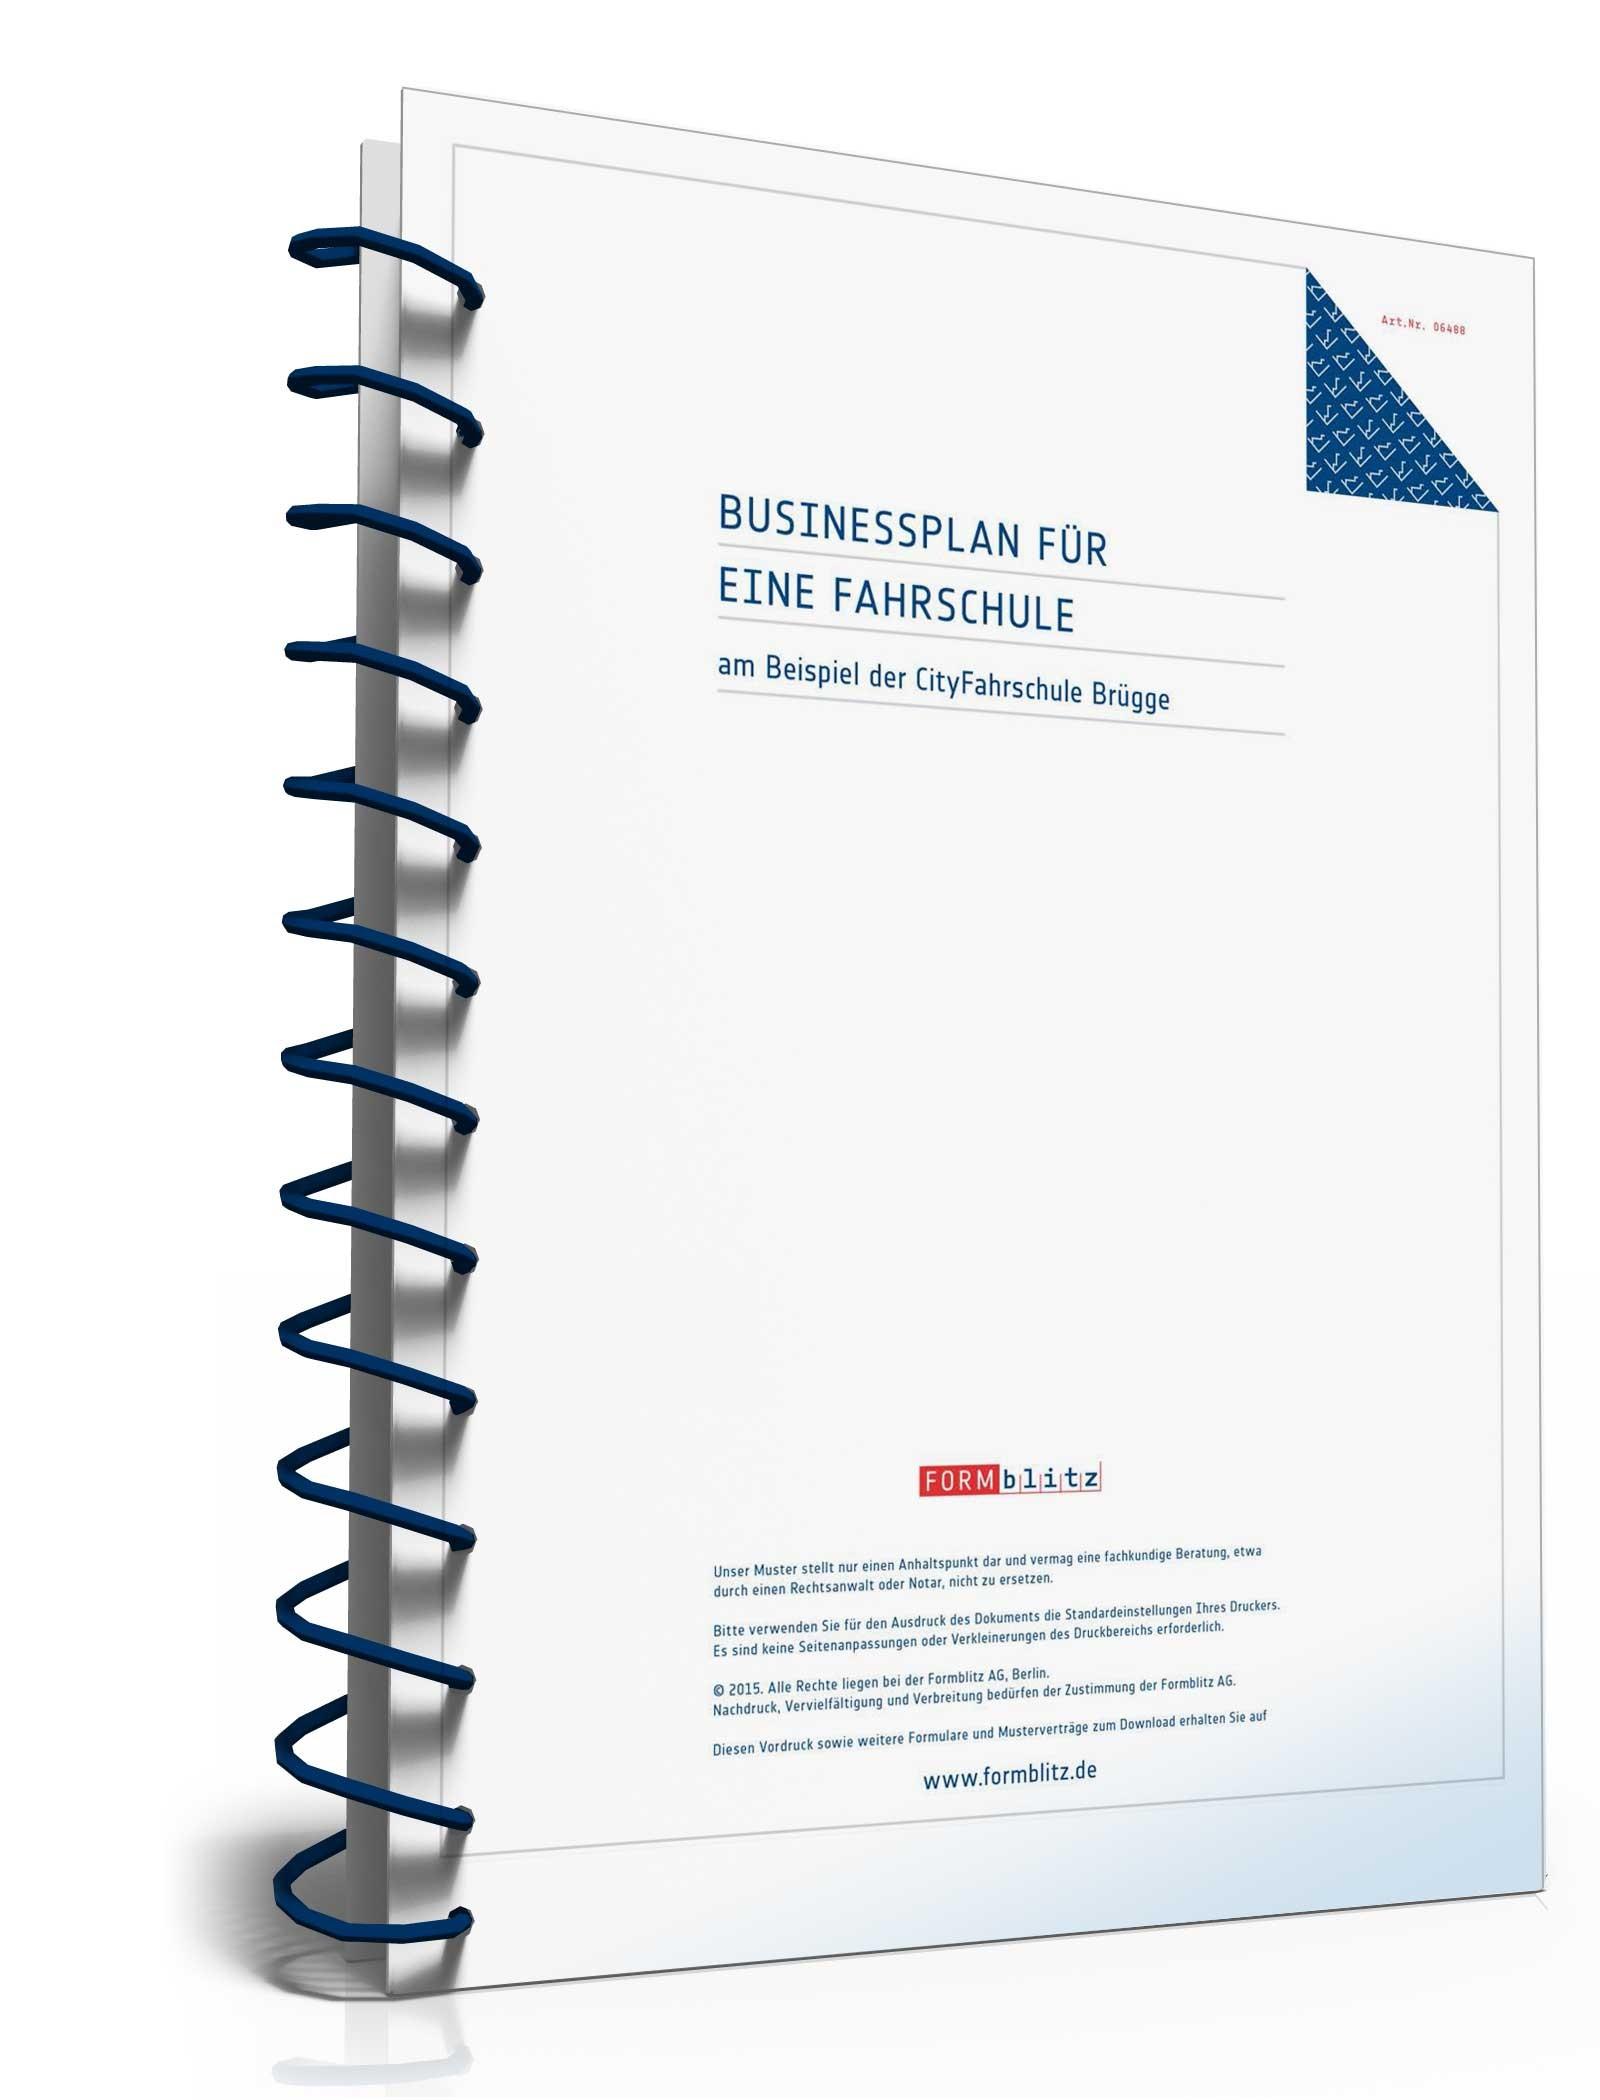 businessplan fahrschule